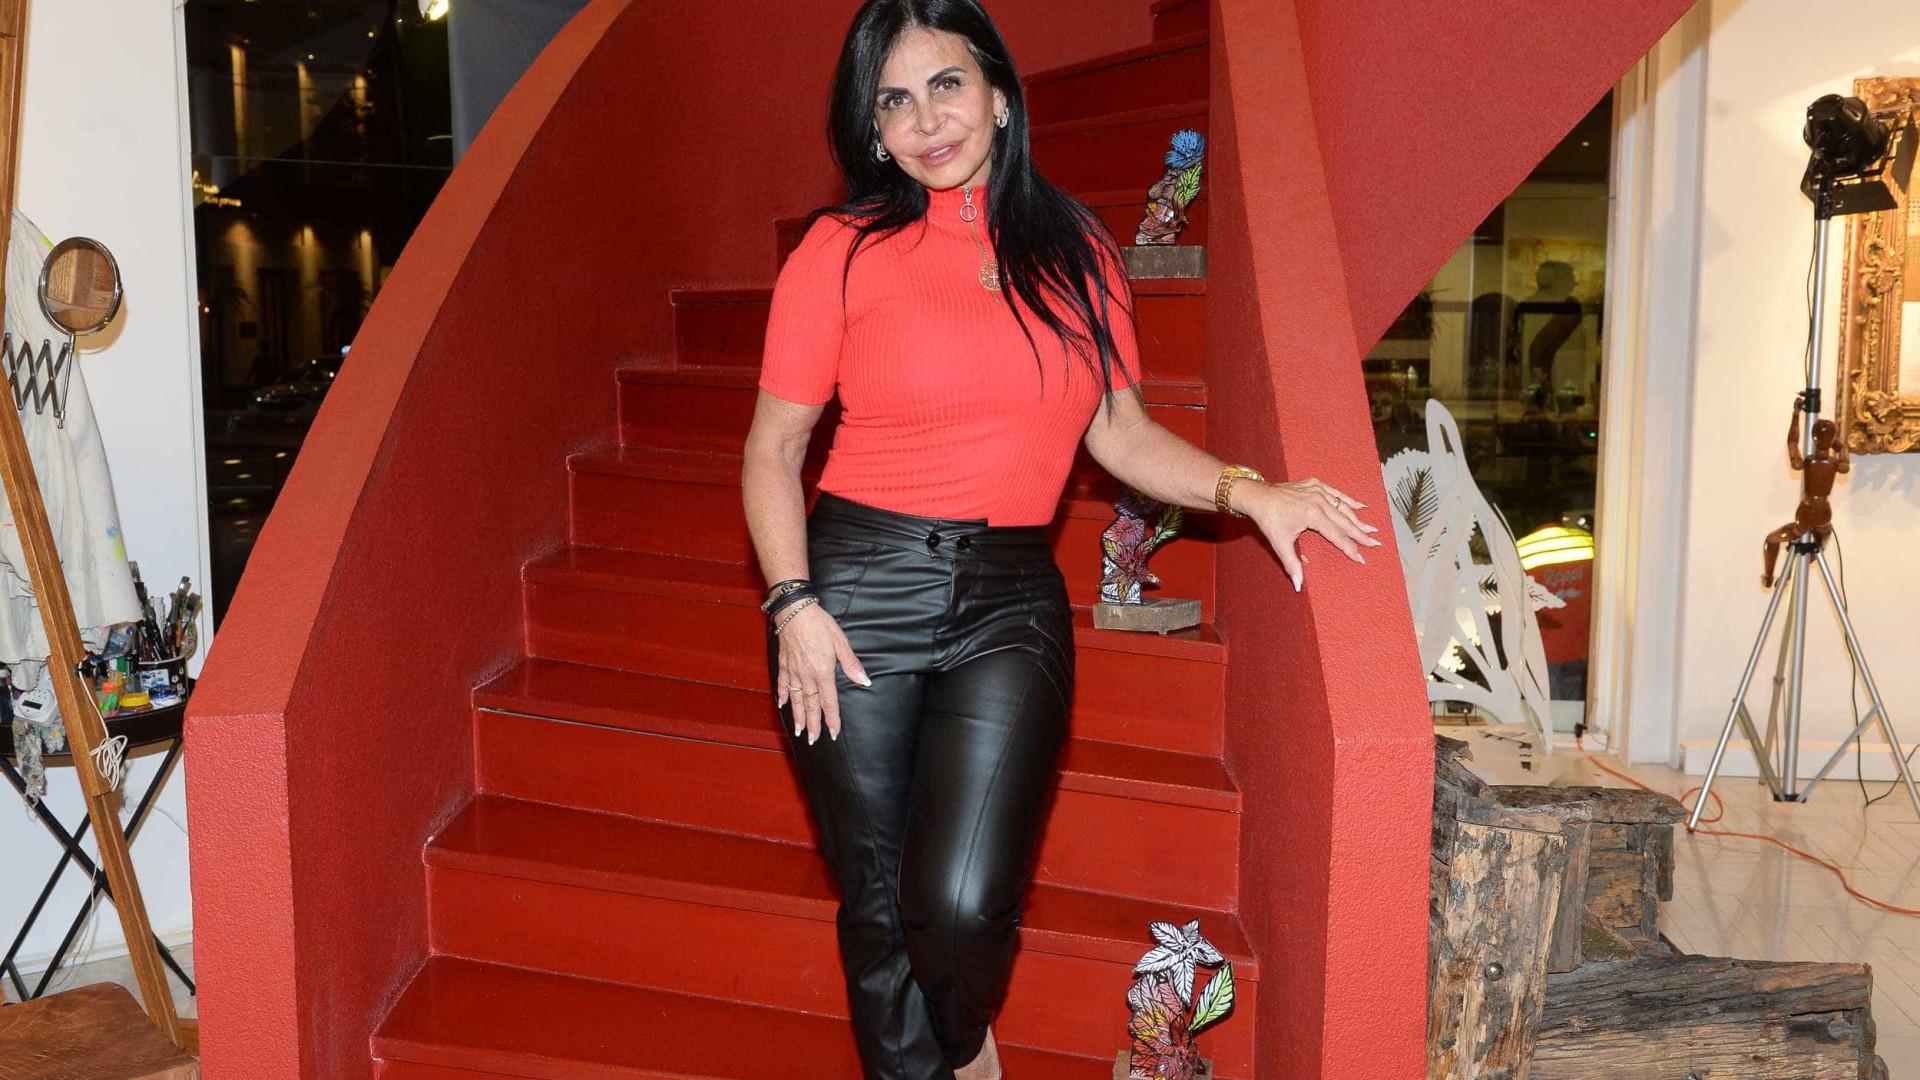 Gretchen leva bronca em supermercado de Mônaco: 'Passei vergonha'